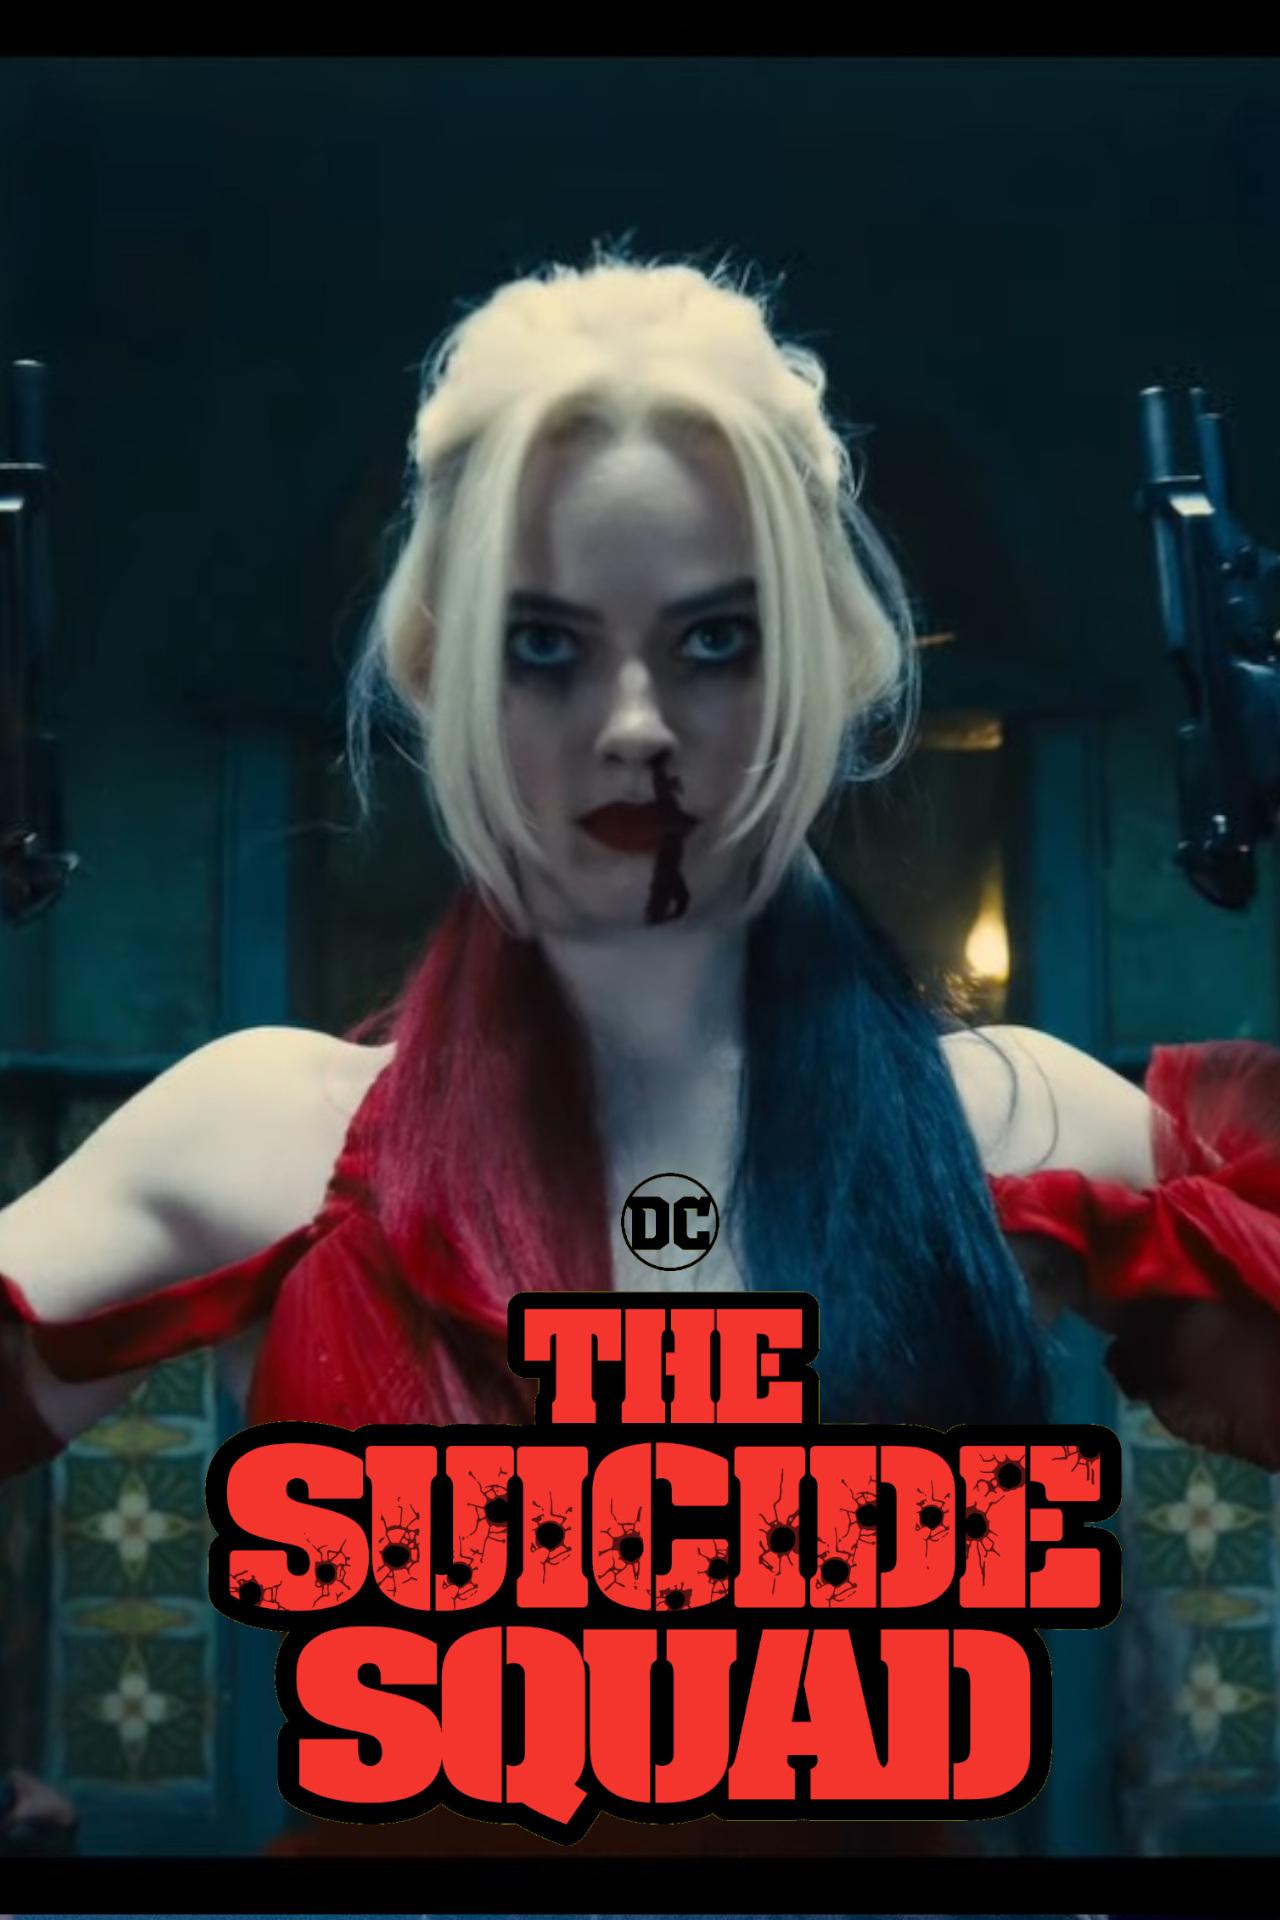 O segundo trailer de O Esquadrão Suicida mostra cenas inéditas recheadas de ação com foco nos poderes de alguns personagens como o Pacificador e Polka Dot Man.